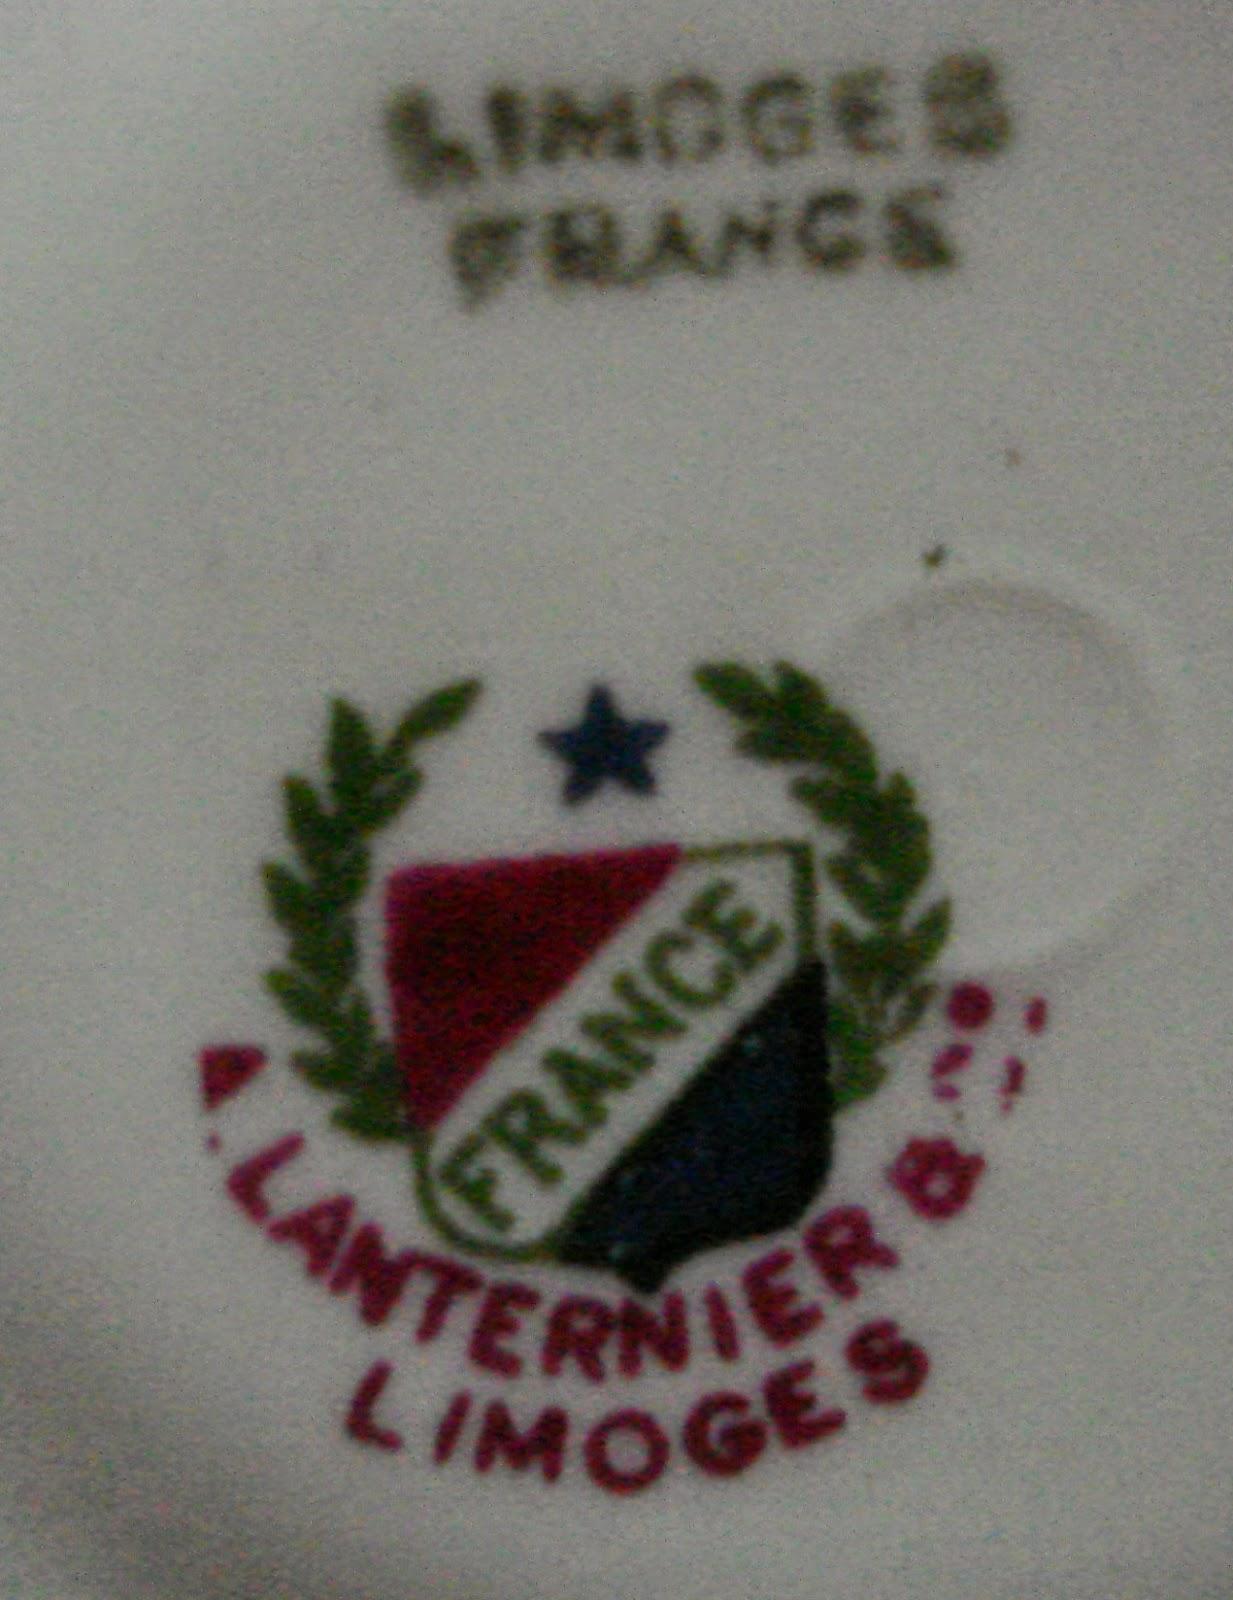 dating limoges france marks